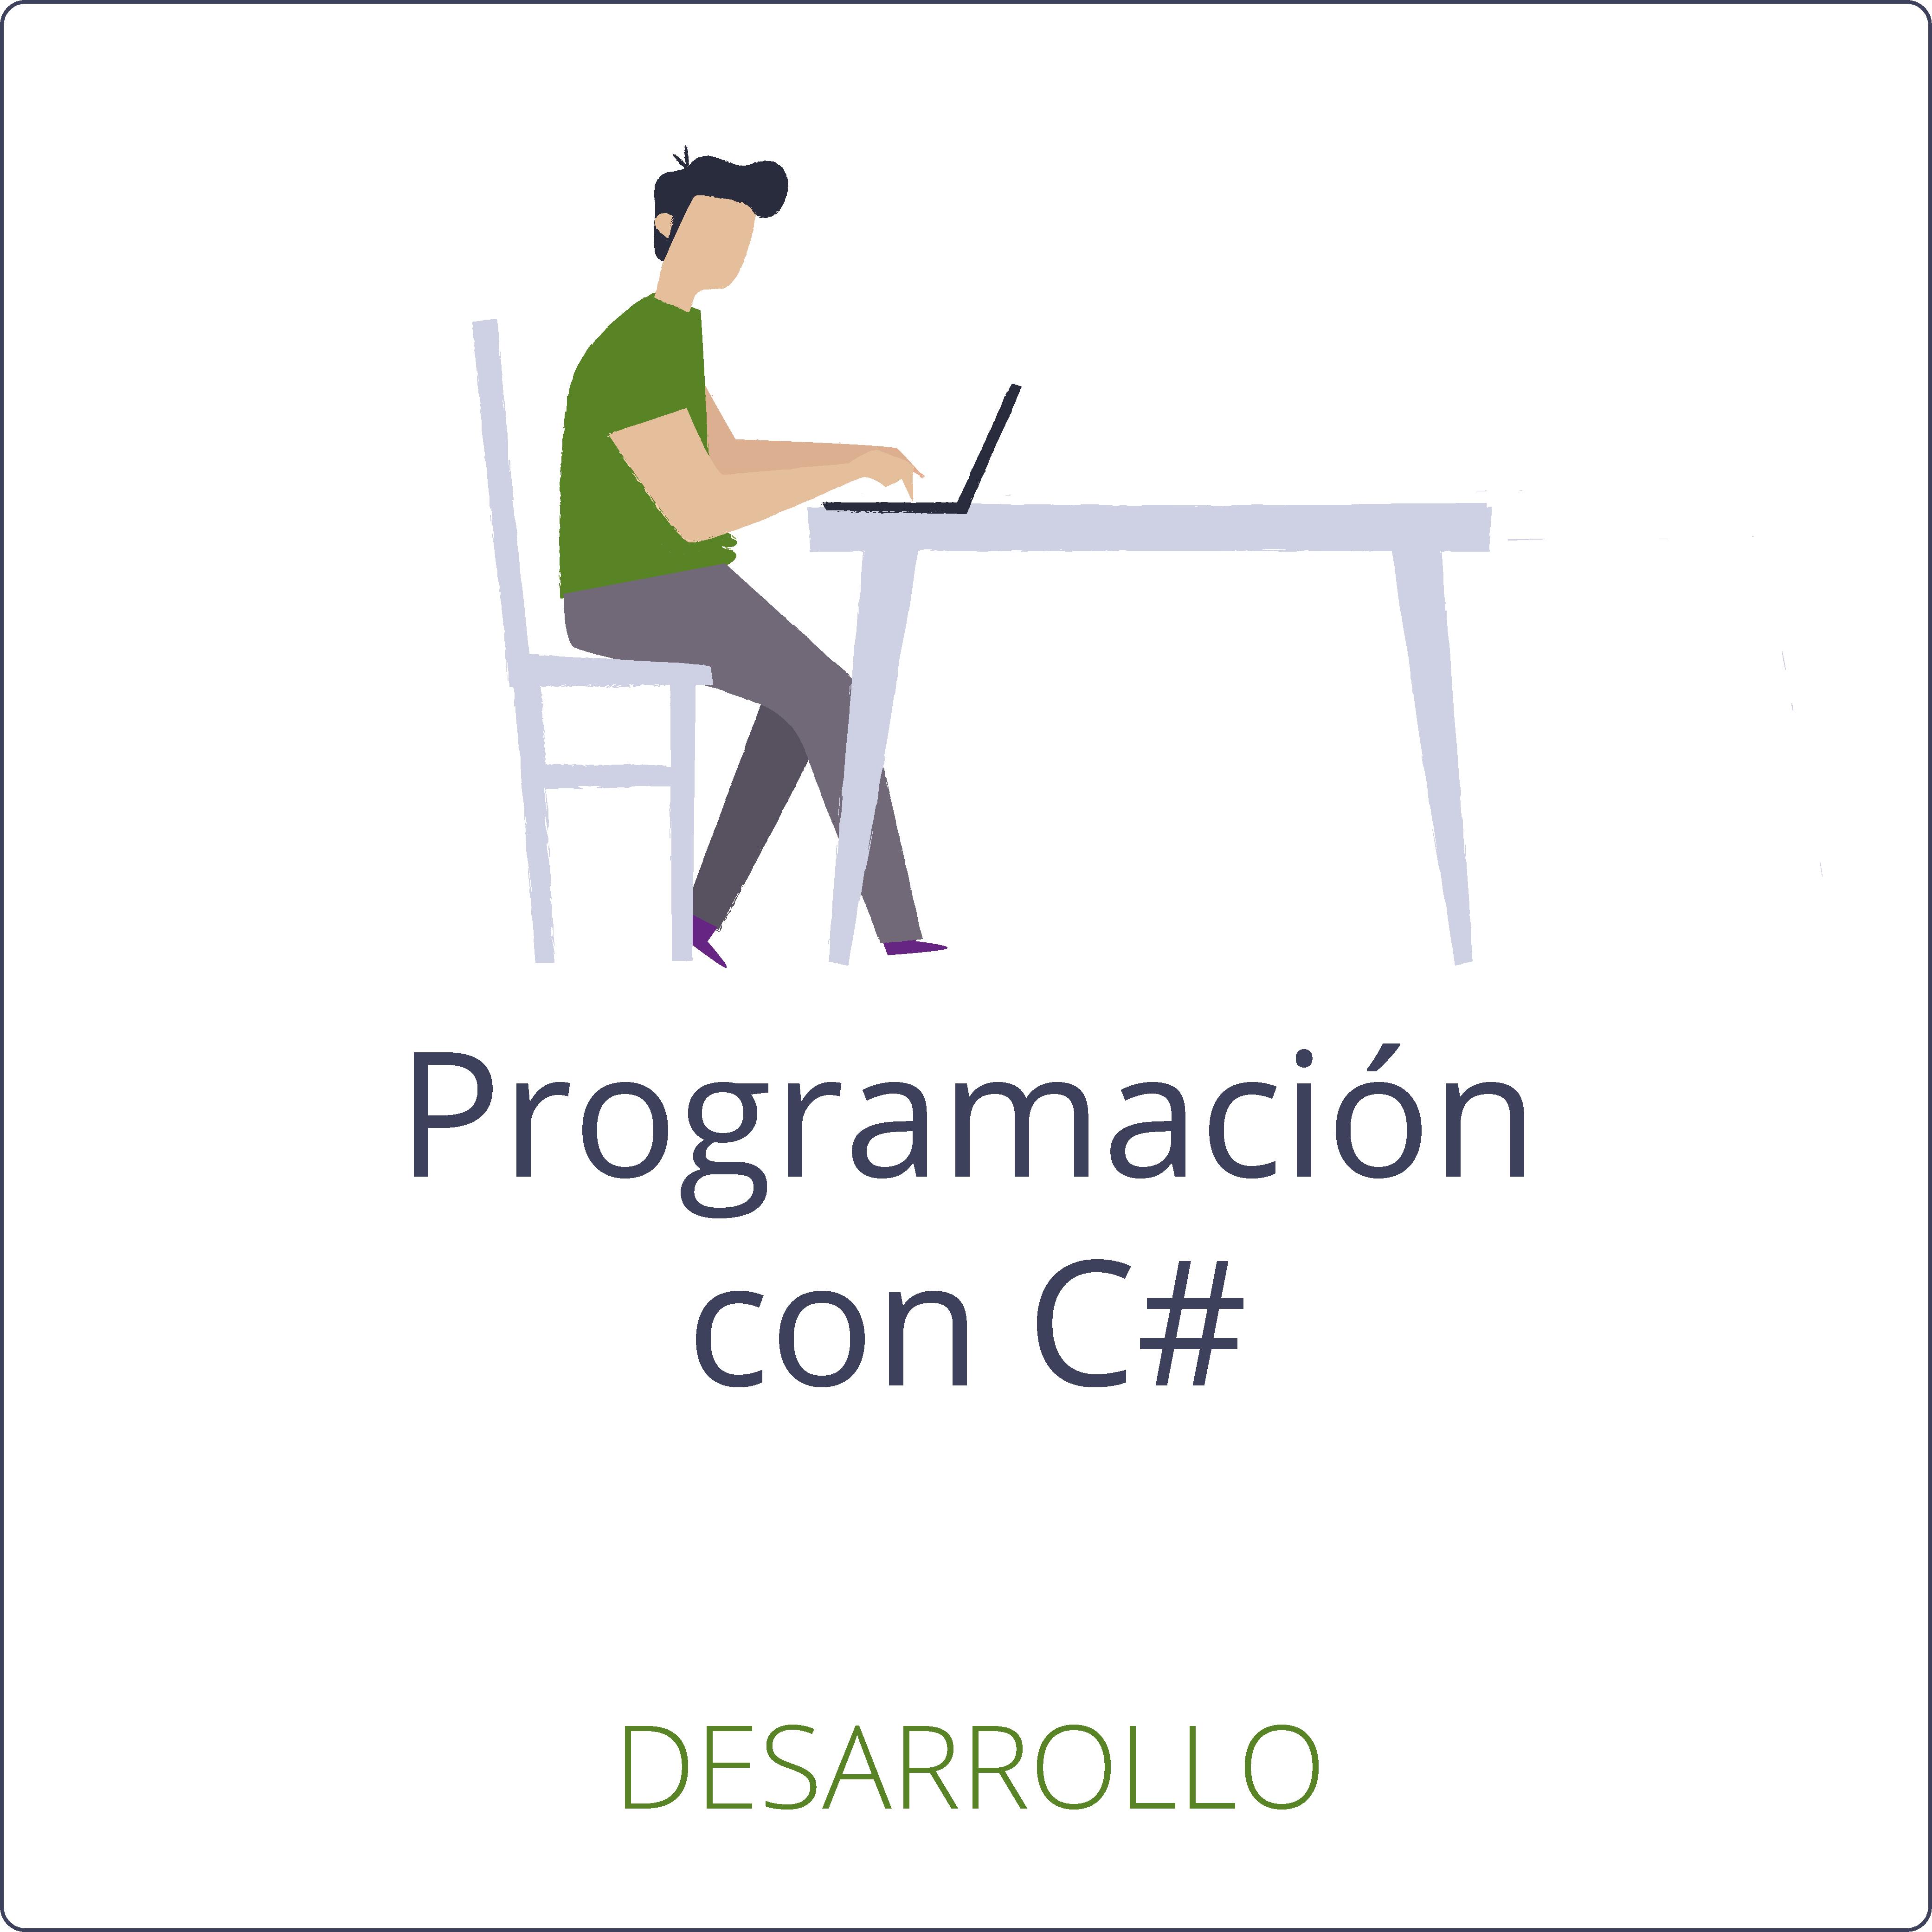 Programación con C#